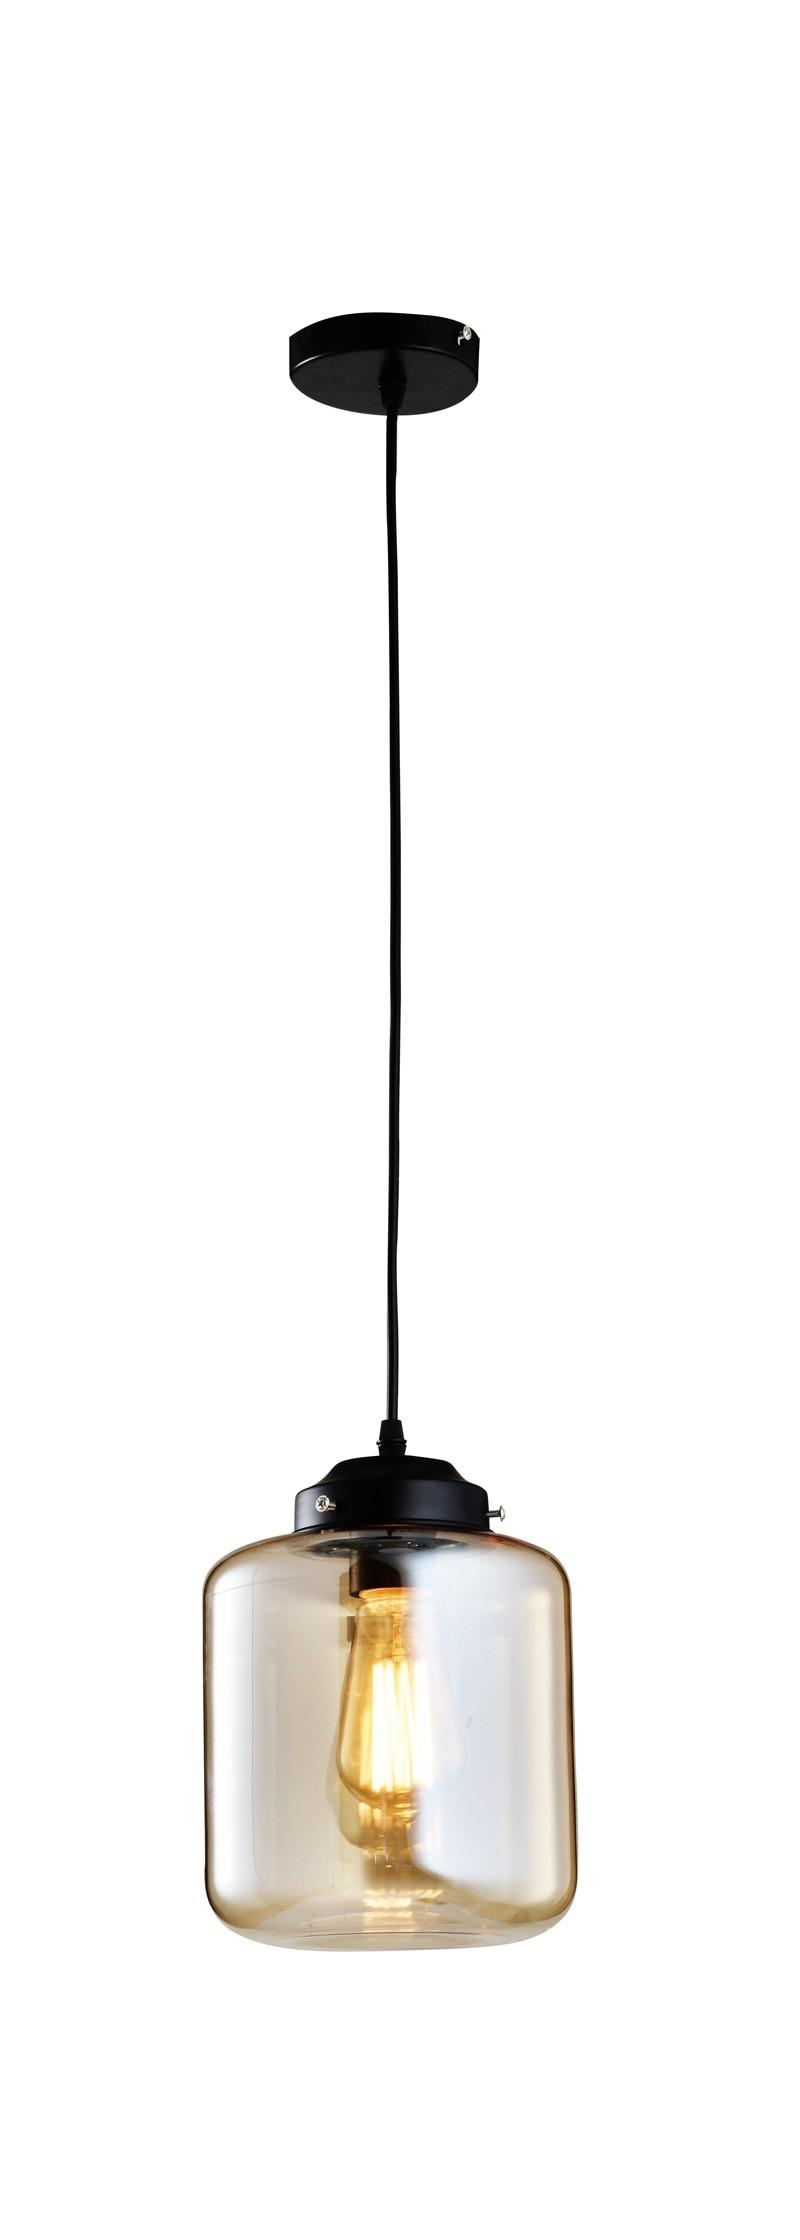 Pendente de Vidro com 1 lâmpada de Filamento Retro Thomas Edison Baleiro -110v